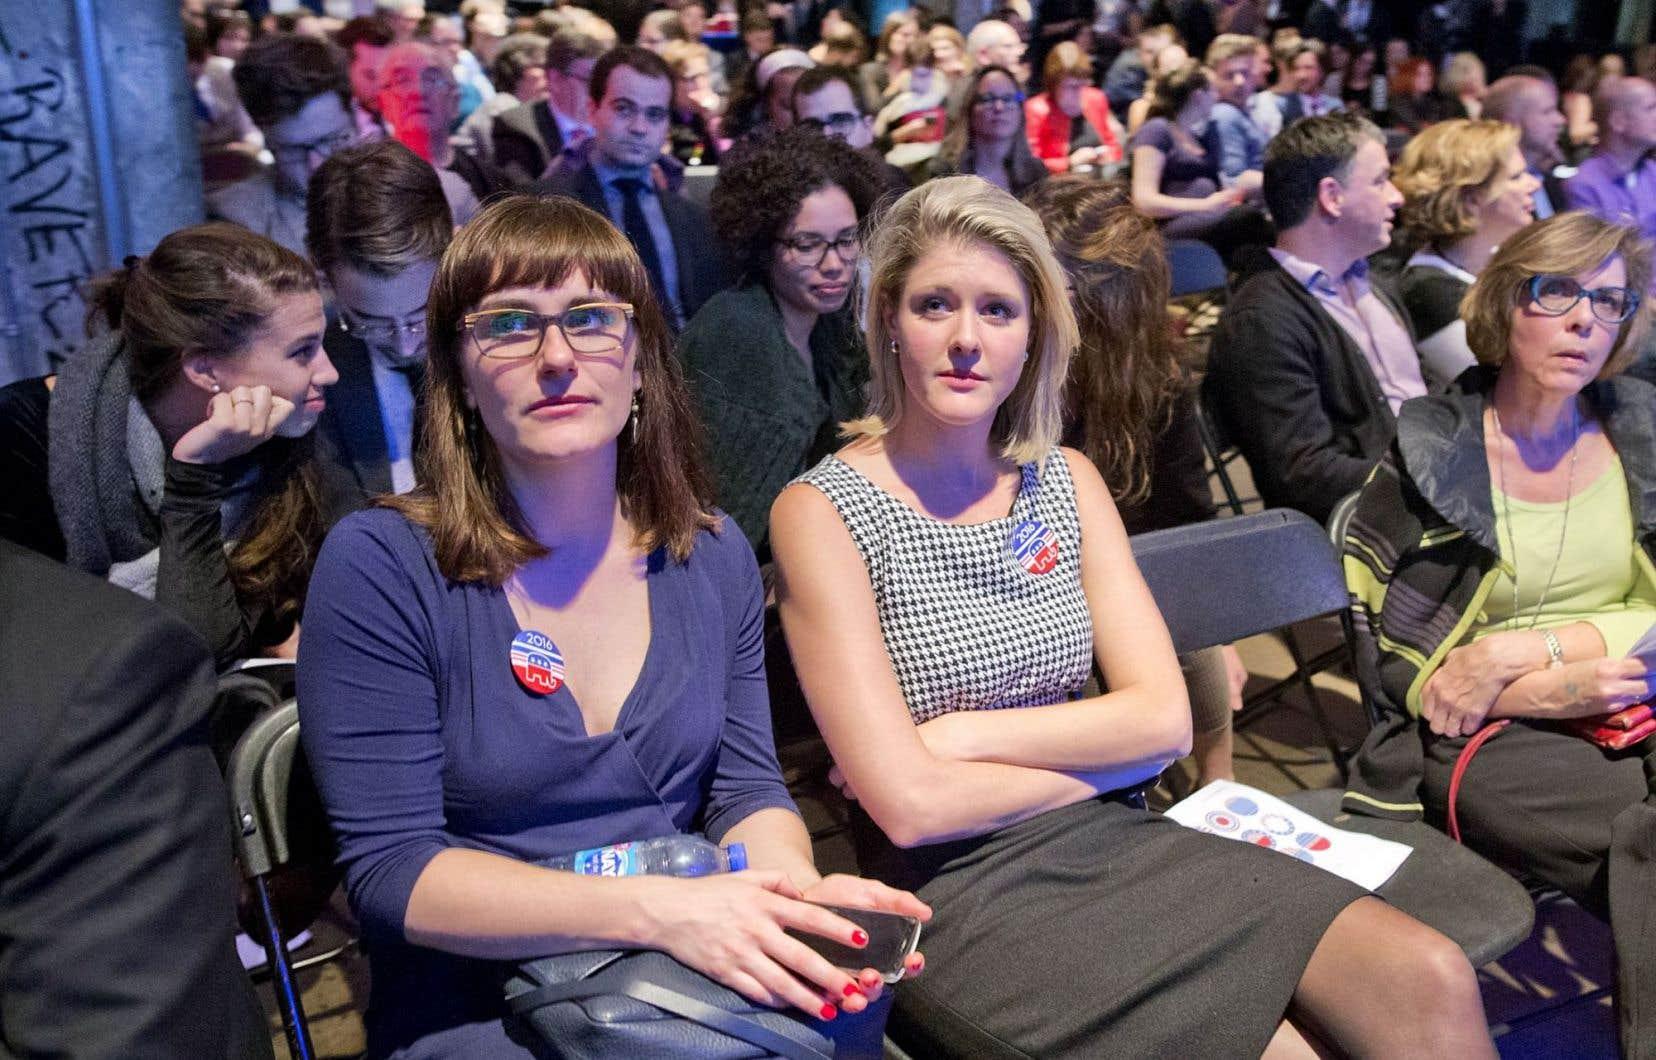 À la soirée électorale de la Chaire Raoul-Dandurand, à la Société des arts technologiques de Montréal, les mines étaient consternées devant l'ampleur du vote républicain.